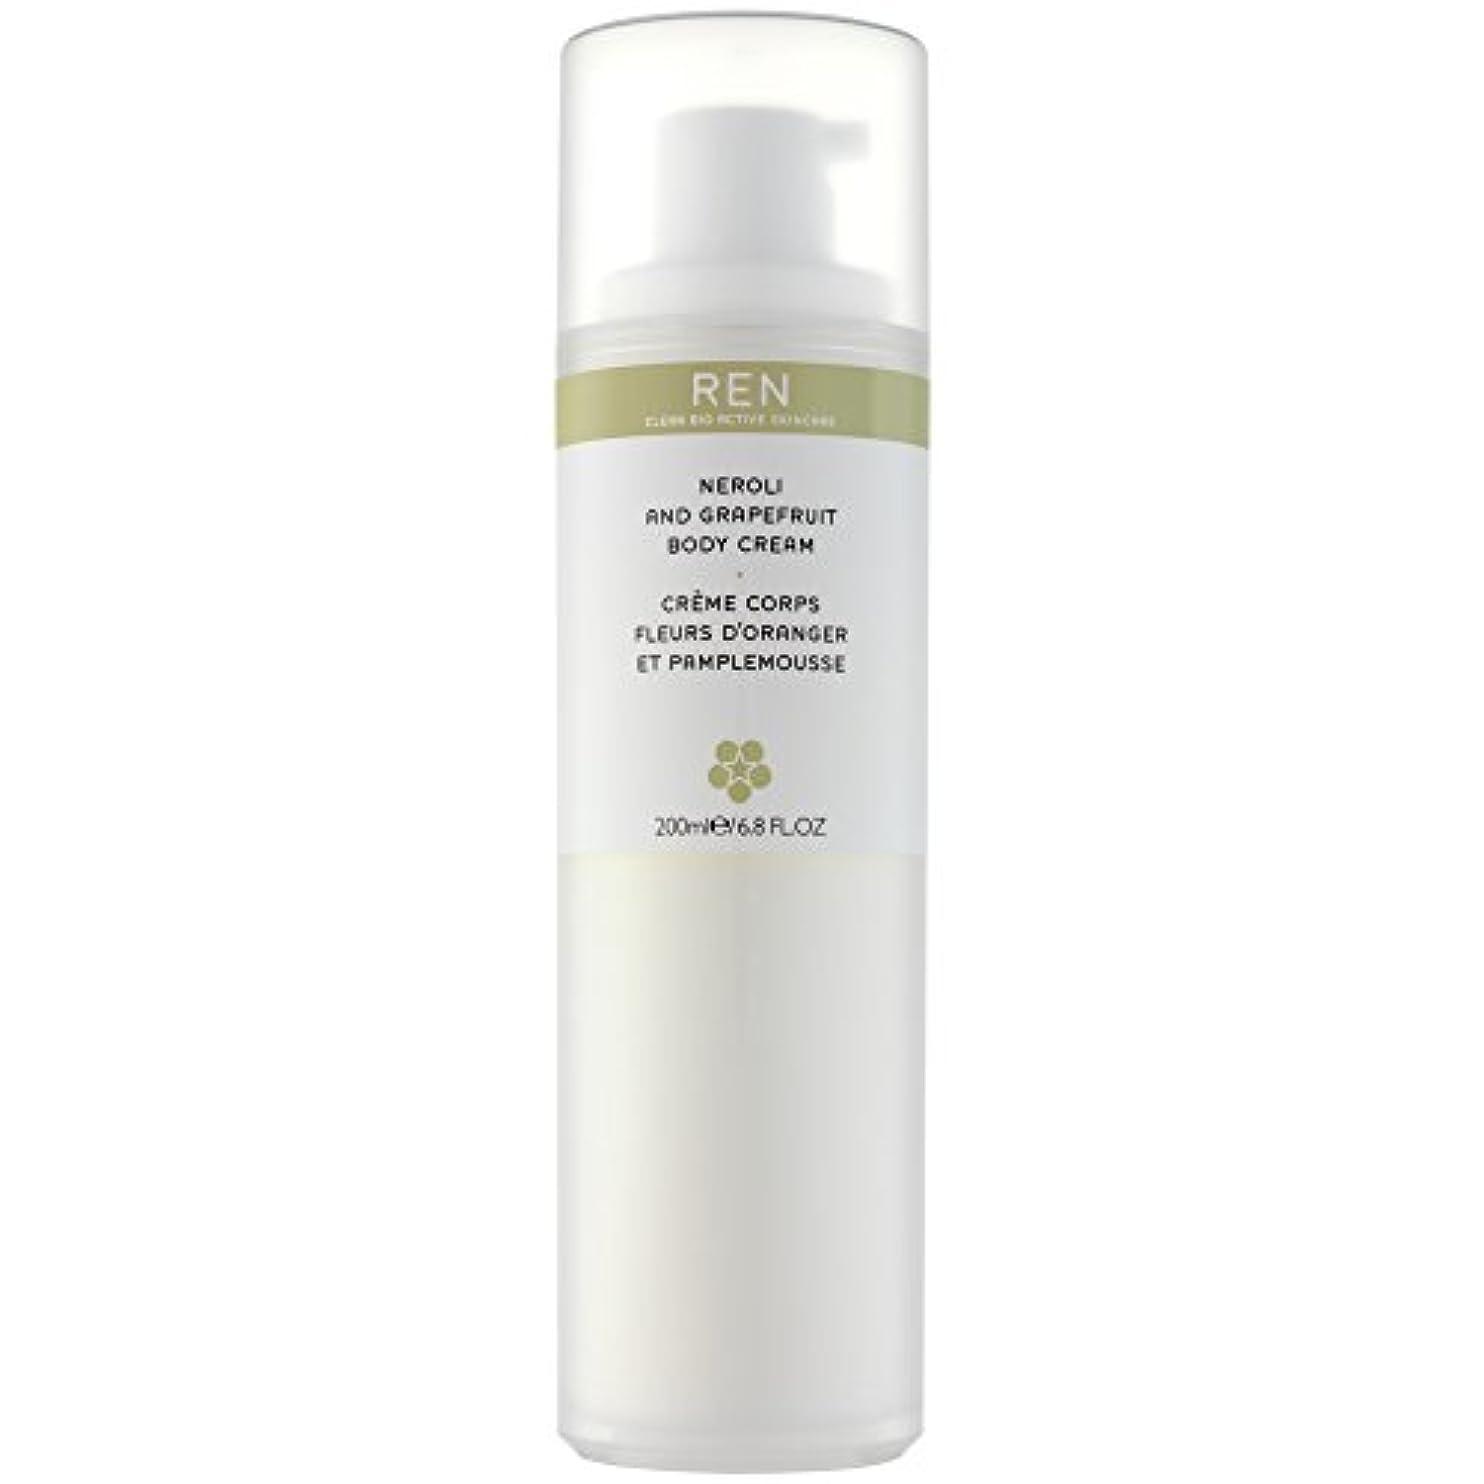 シャツリムオーナーRenネロリとグレープフルーツボディクリーム200ミリリットル (REN) (x2) - REN Neroli and Grapefruit Body Cream 200ml (Pack of 2) [並行輸入品]